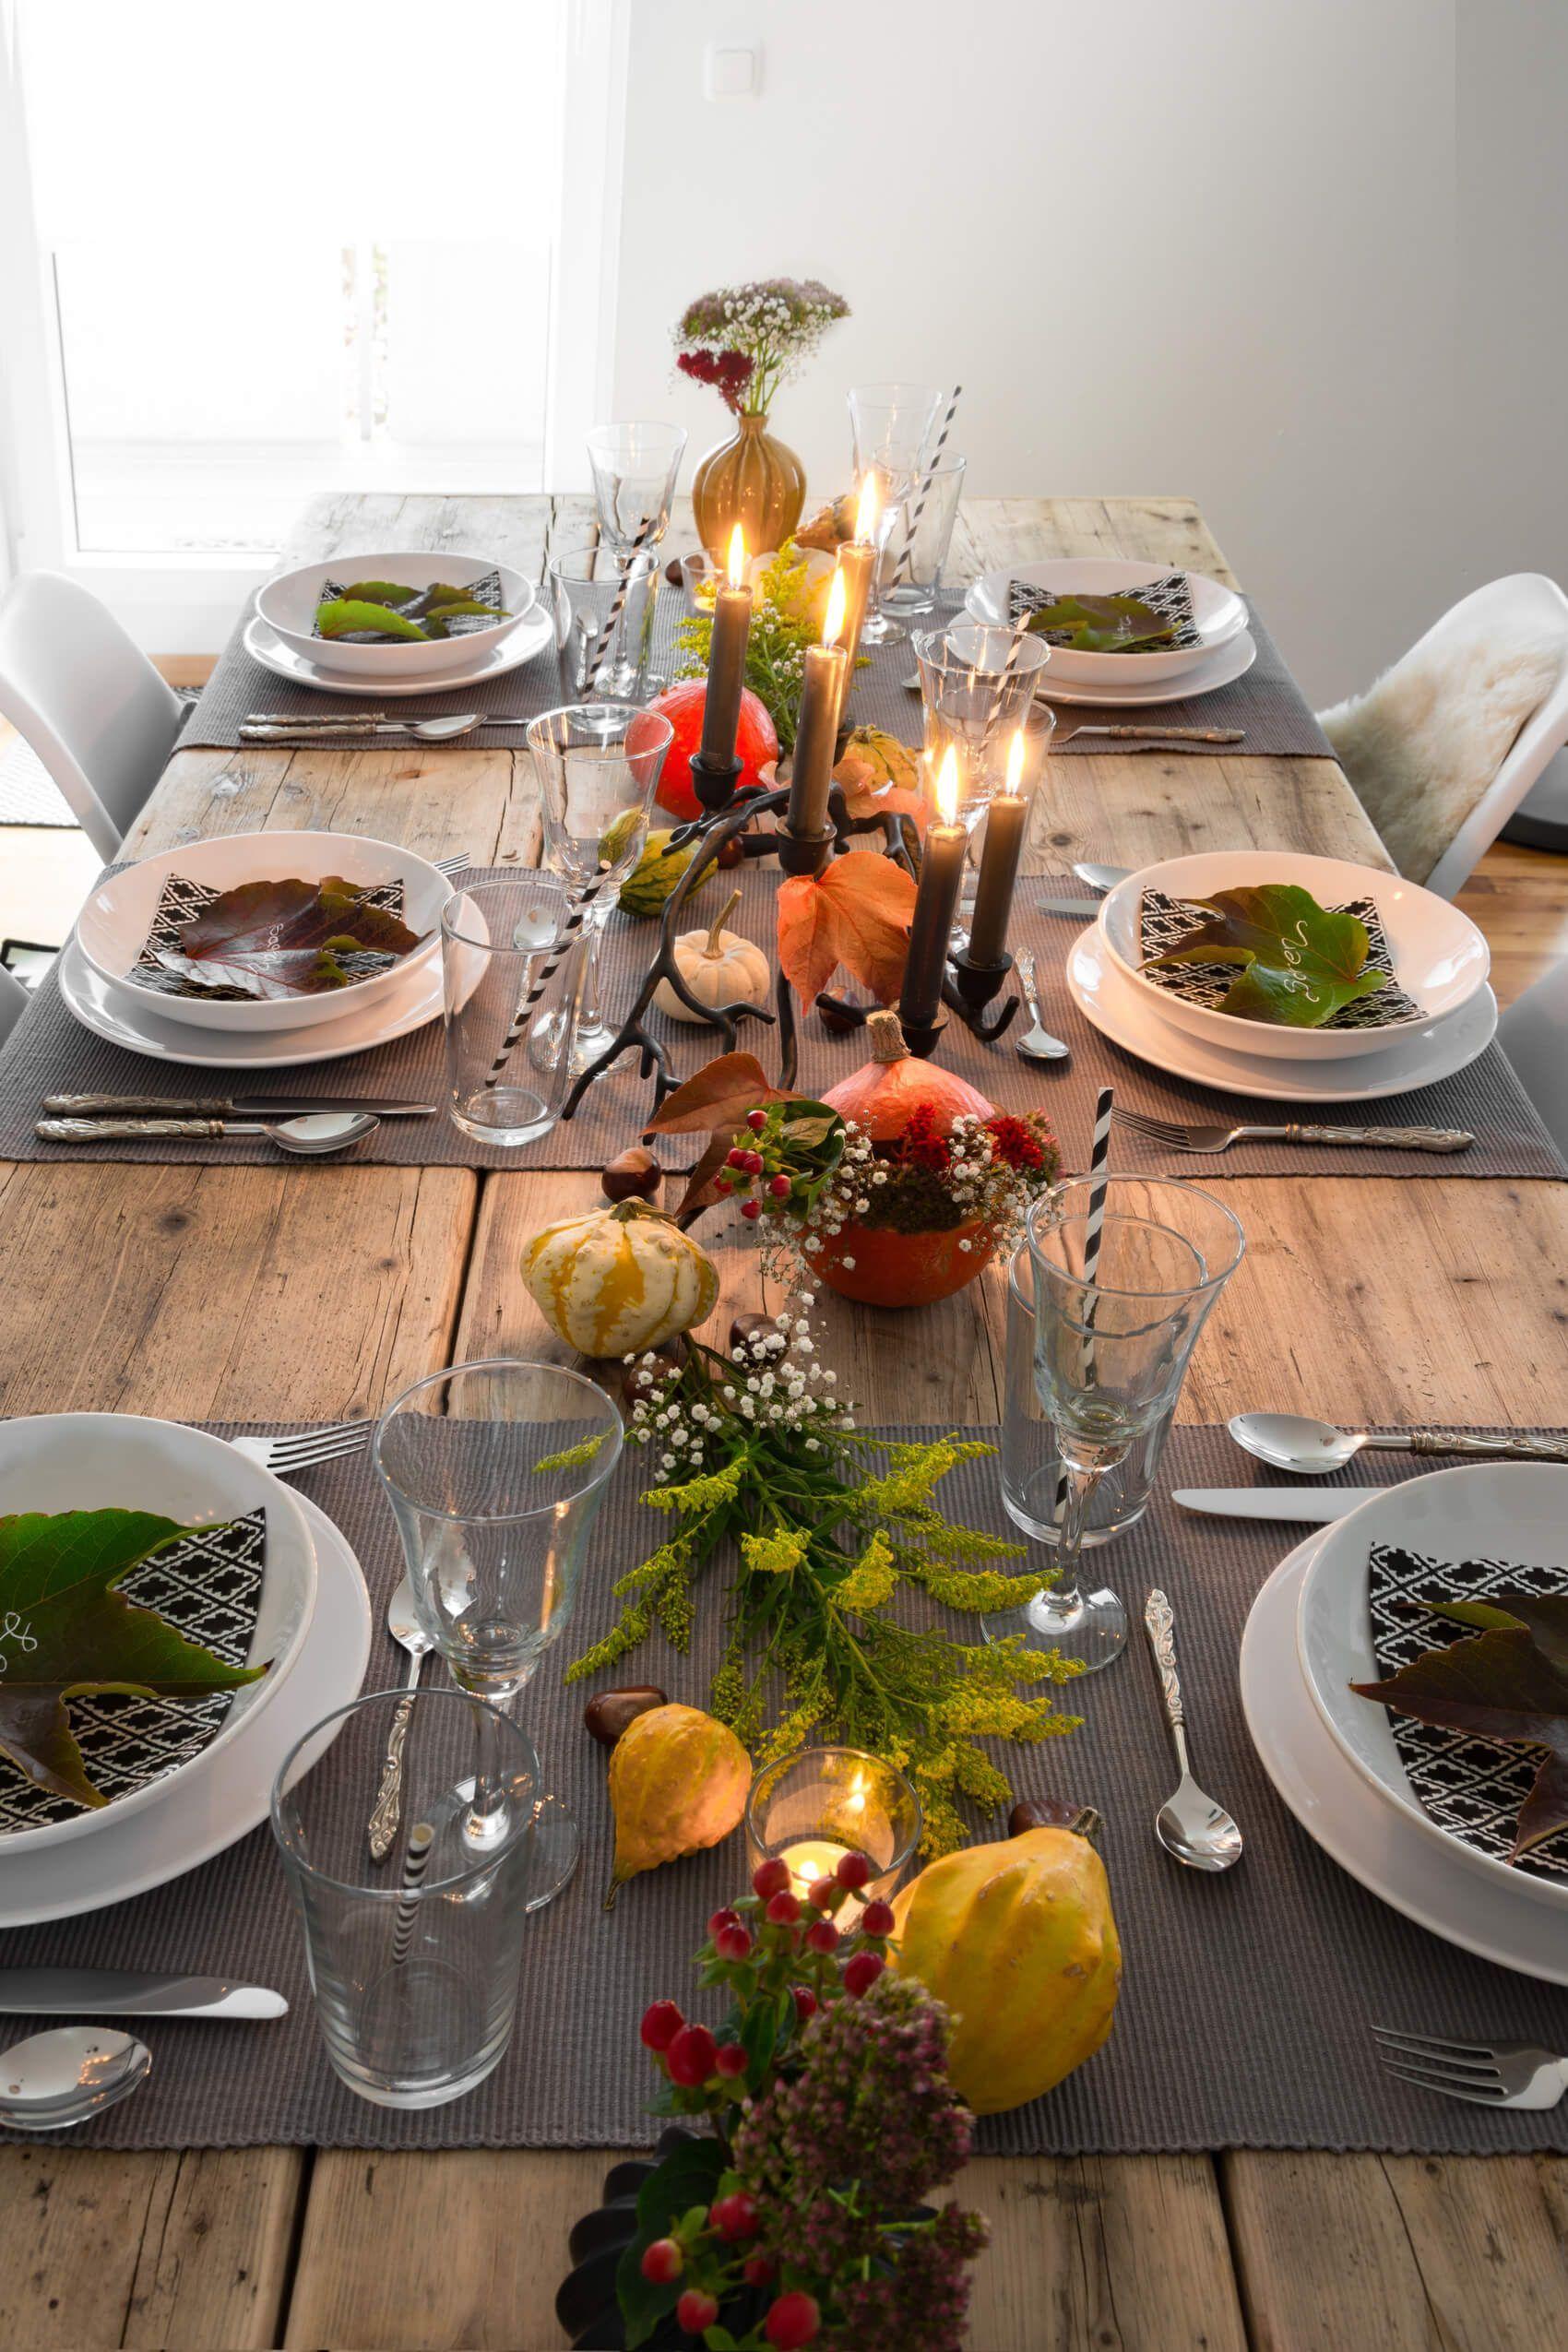 Herbstliche Tischdeko - so gelingt sie einfach & günstig #herbsttischdekorationen Herbstliche Tischdeko einfach und günstig nachmachen. Mit diesen drei Tipps gelingt die perfekte Tischdekoration für den Herbst im Handumdrehen. #tischdekoherbstesstisch